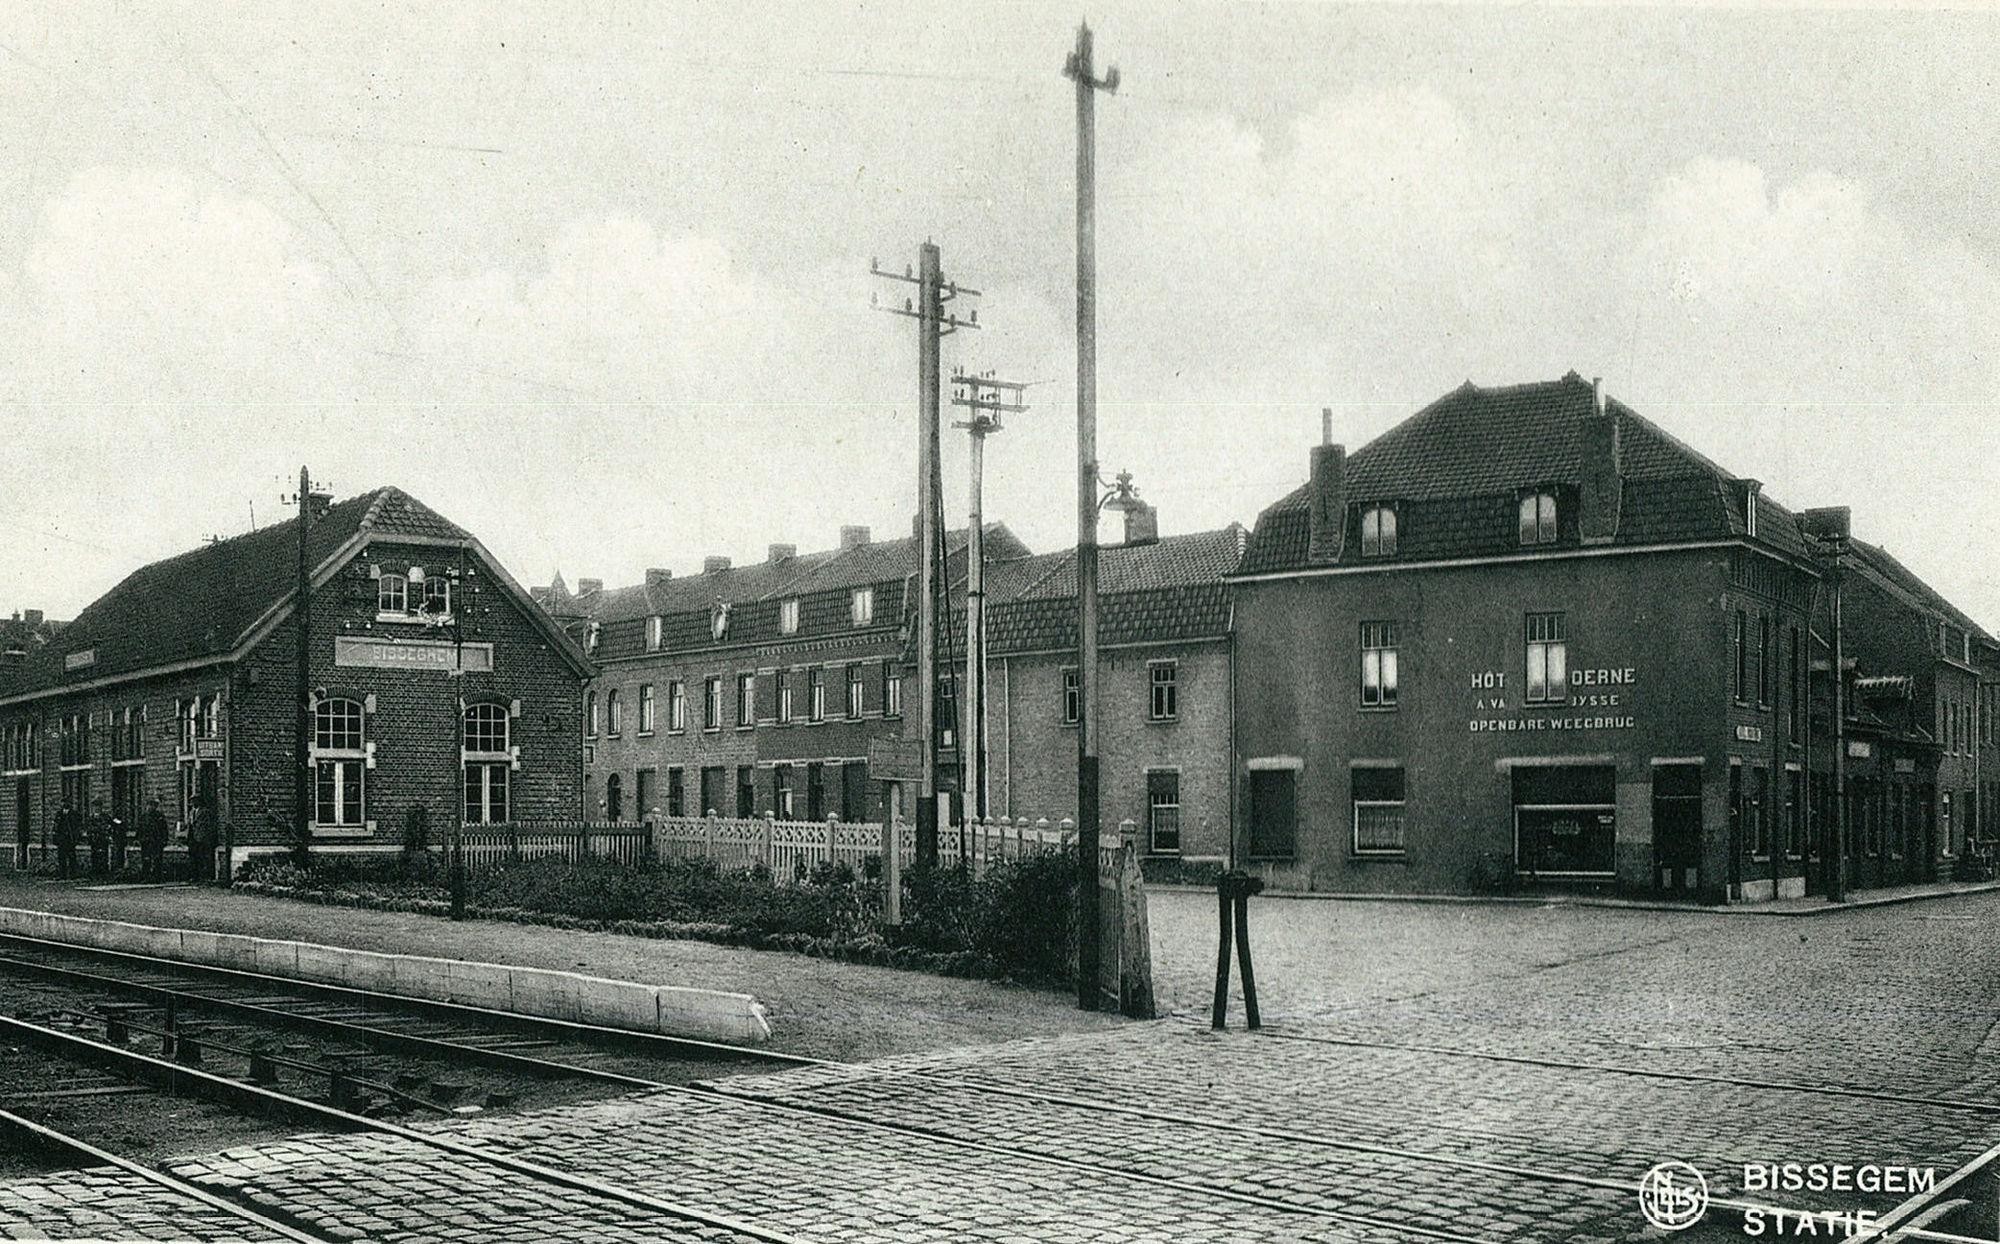 Vlaswaagplein: Het station van Bissegem